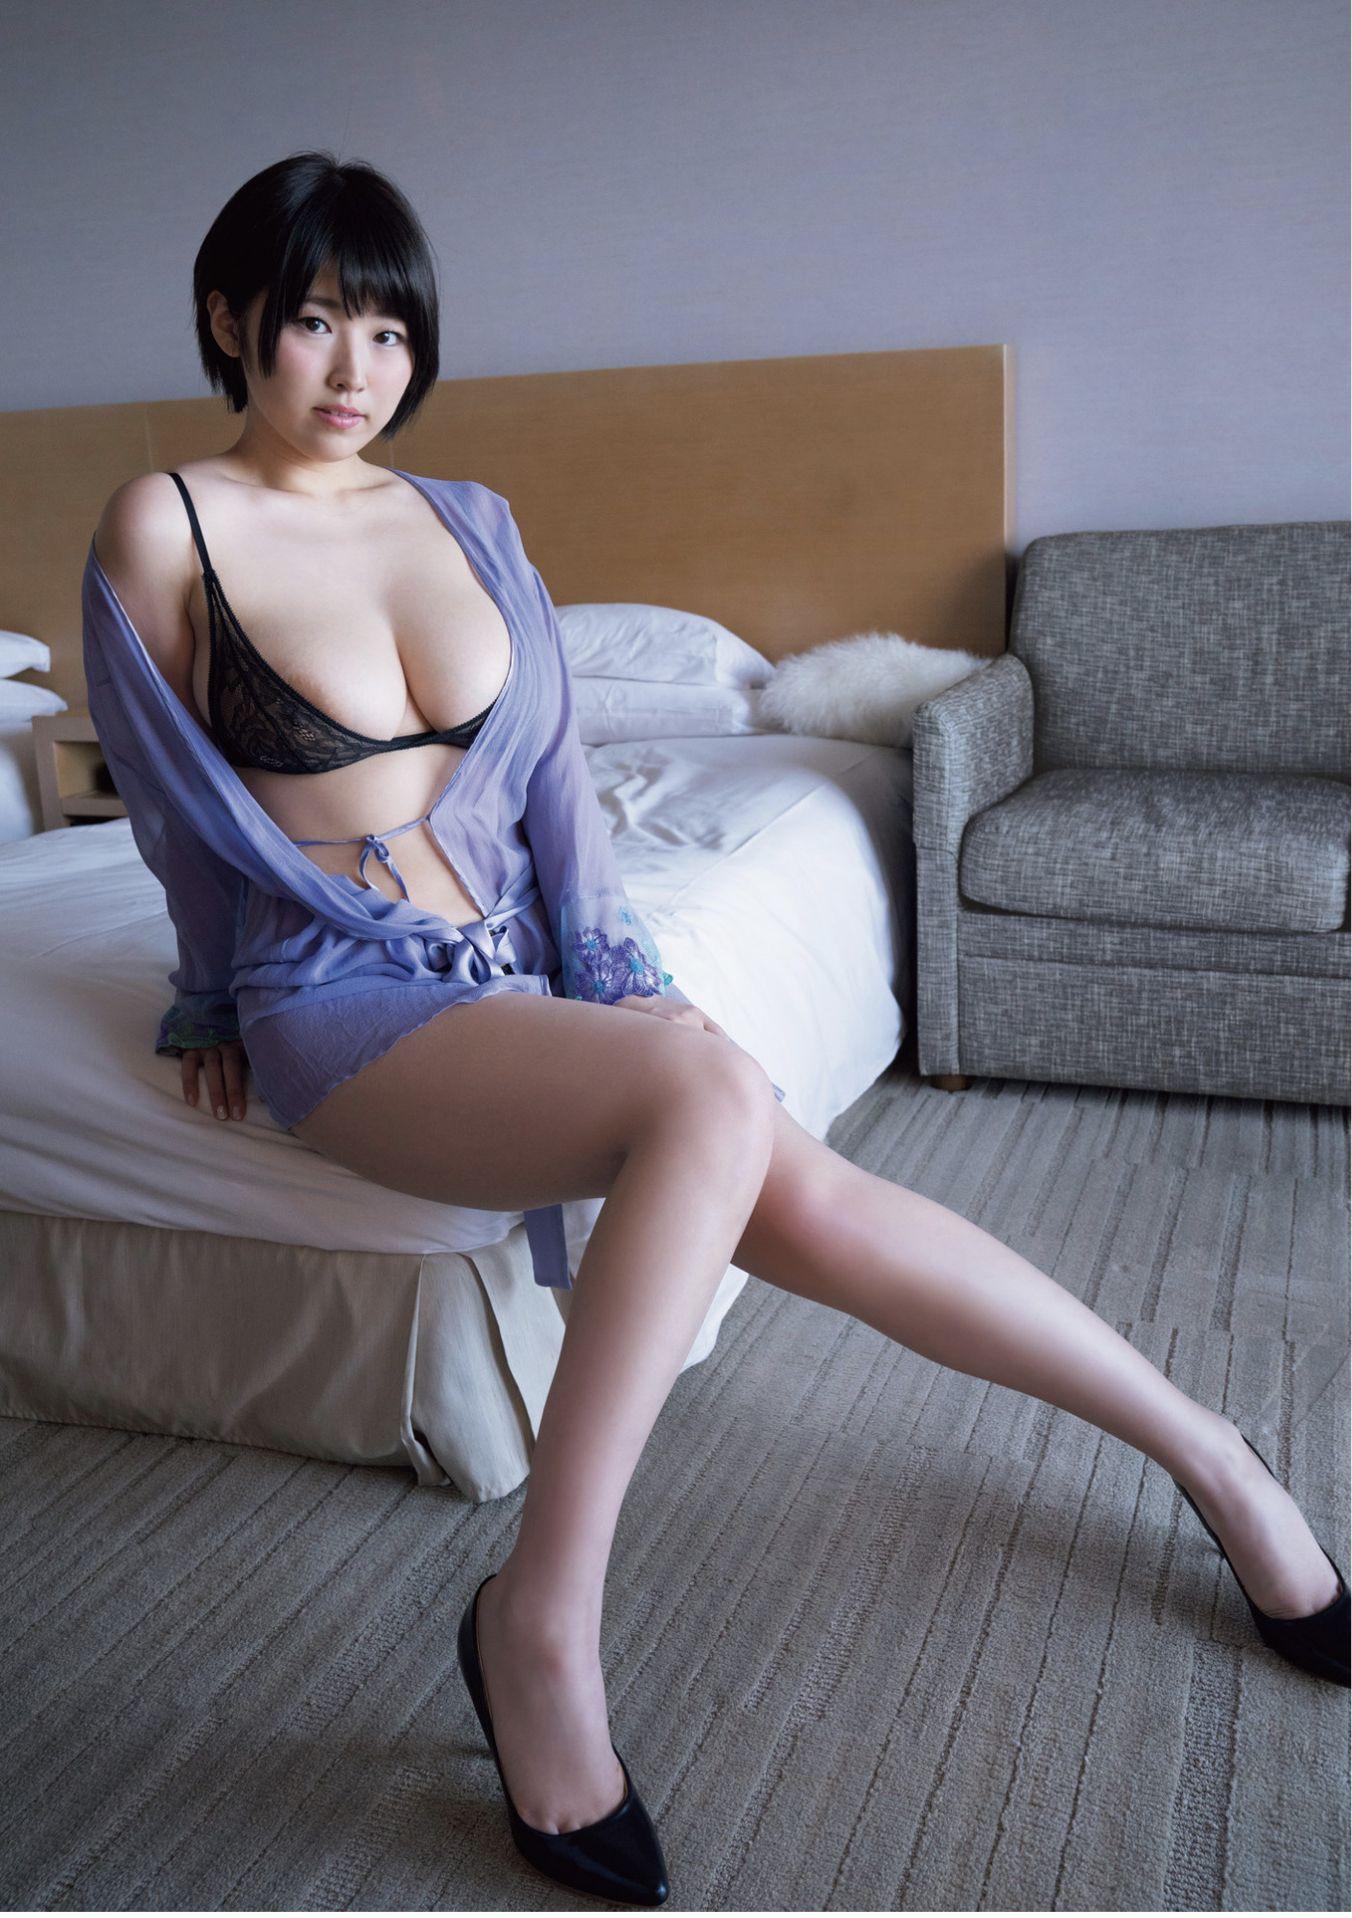 松本菜奈実 写真集「零れる」photo 062